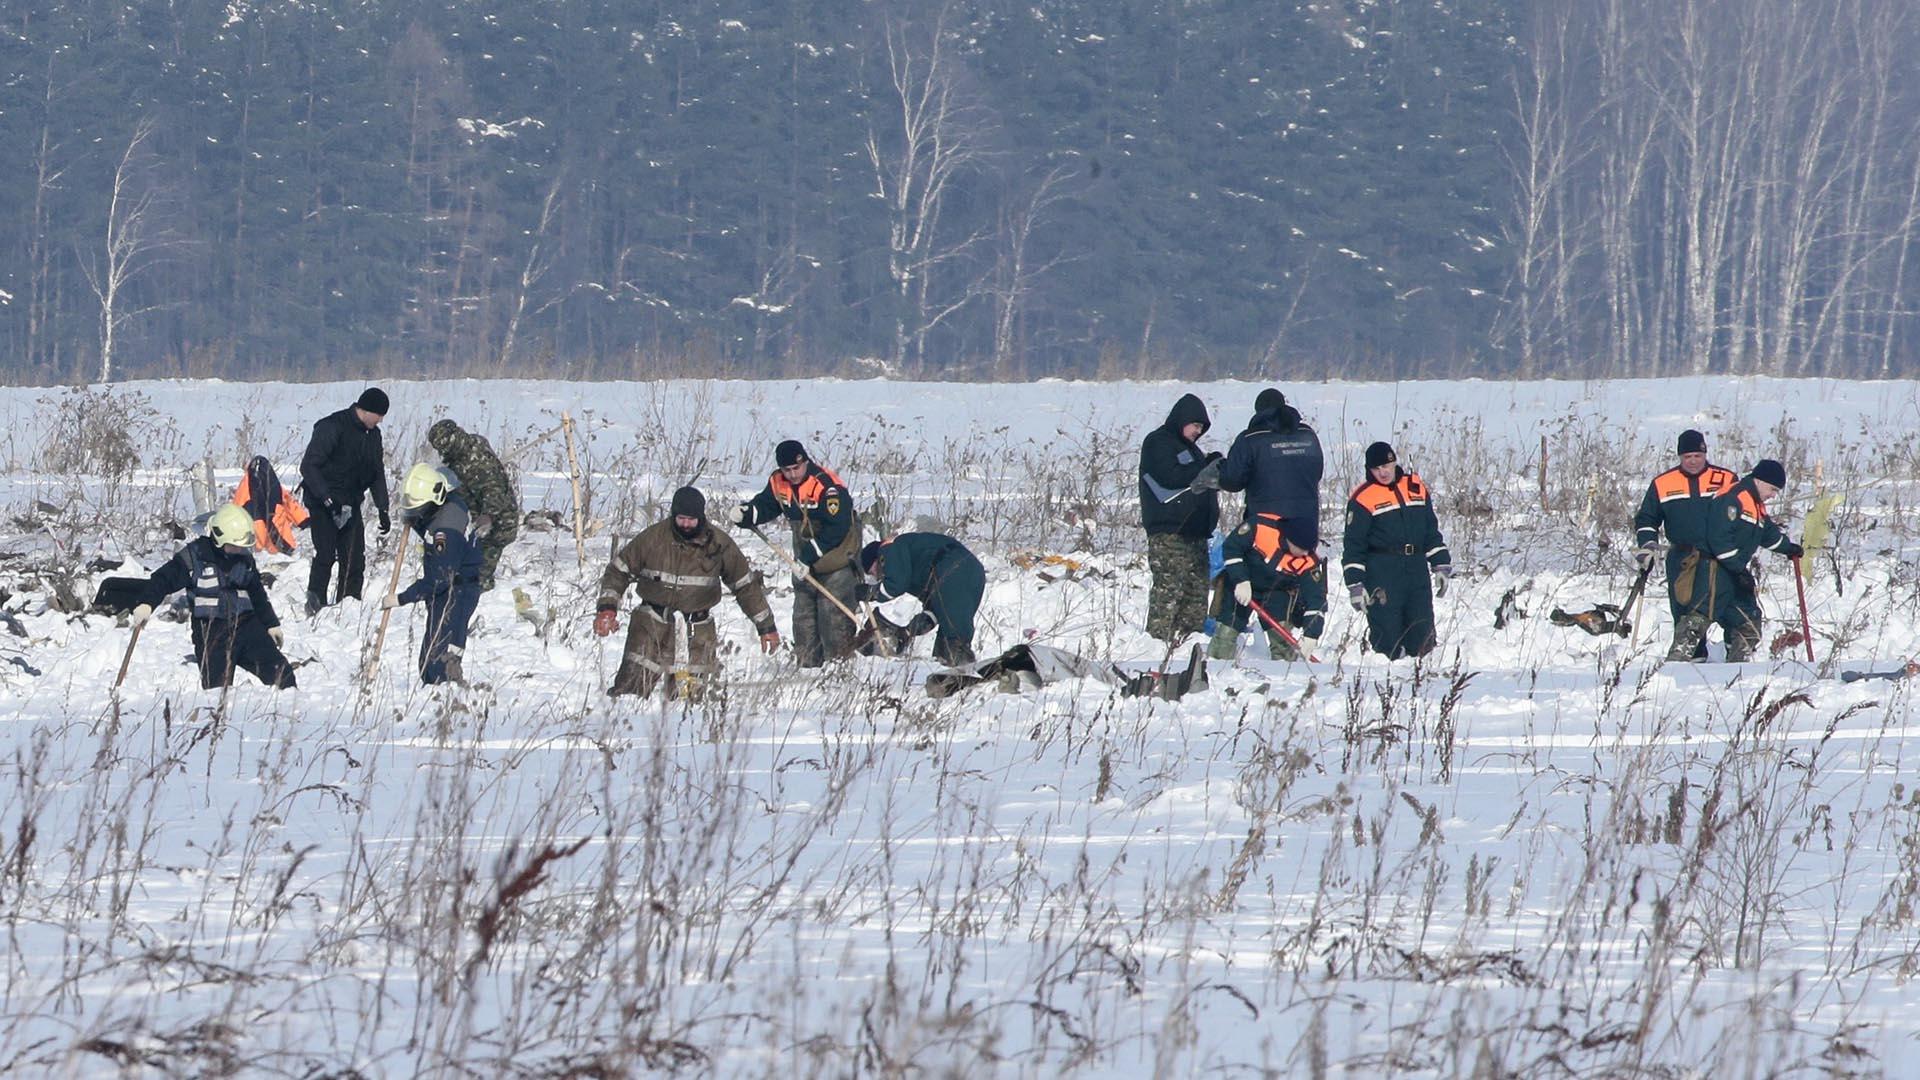 Los servicios de emergencia rusos trabajan en la recuperación de los restos del avión accidentado en las afueras de Moscú (REUTERS/Tatyana Makeyeva)